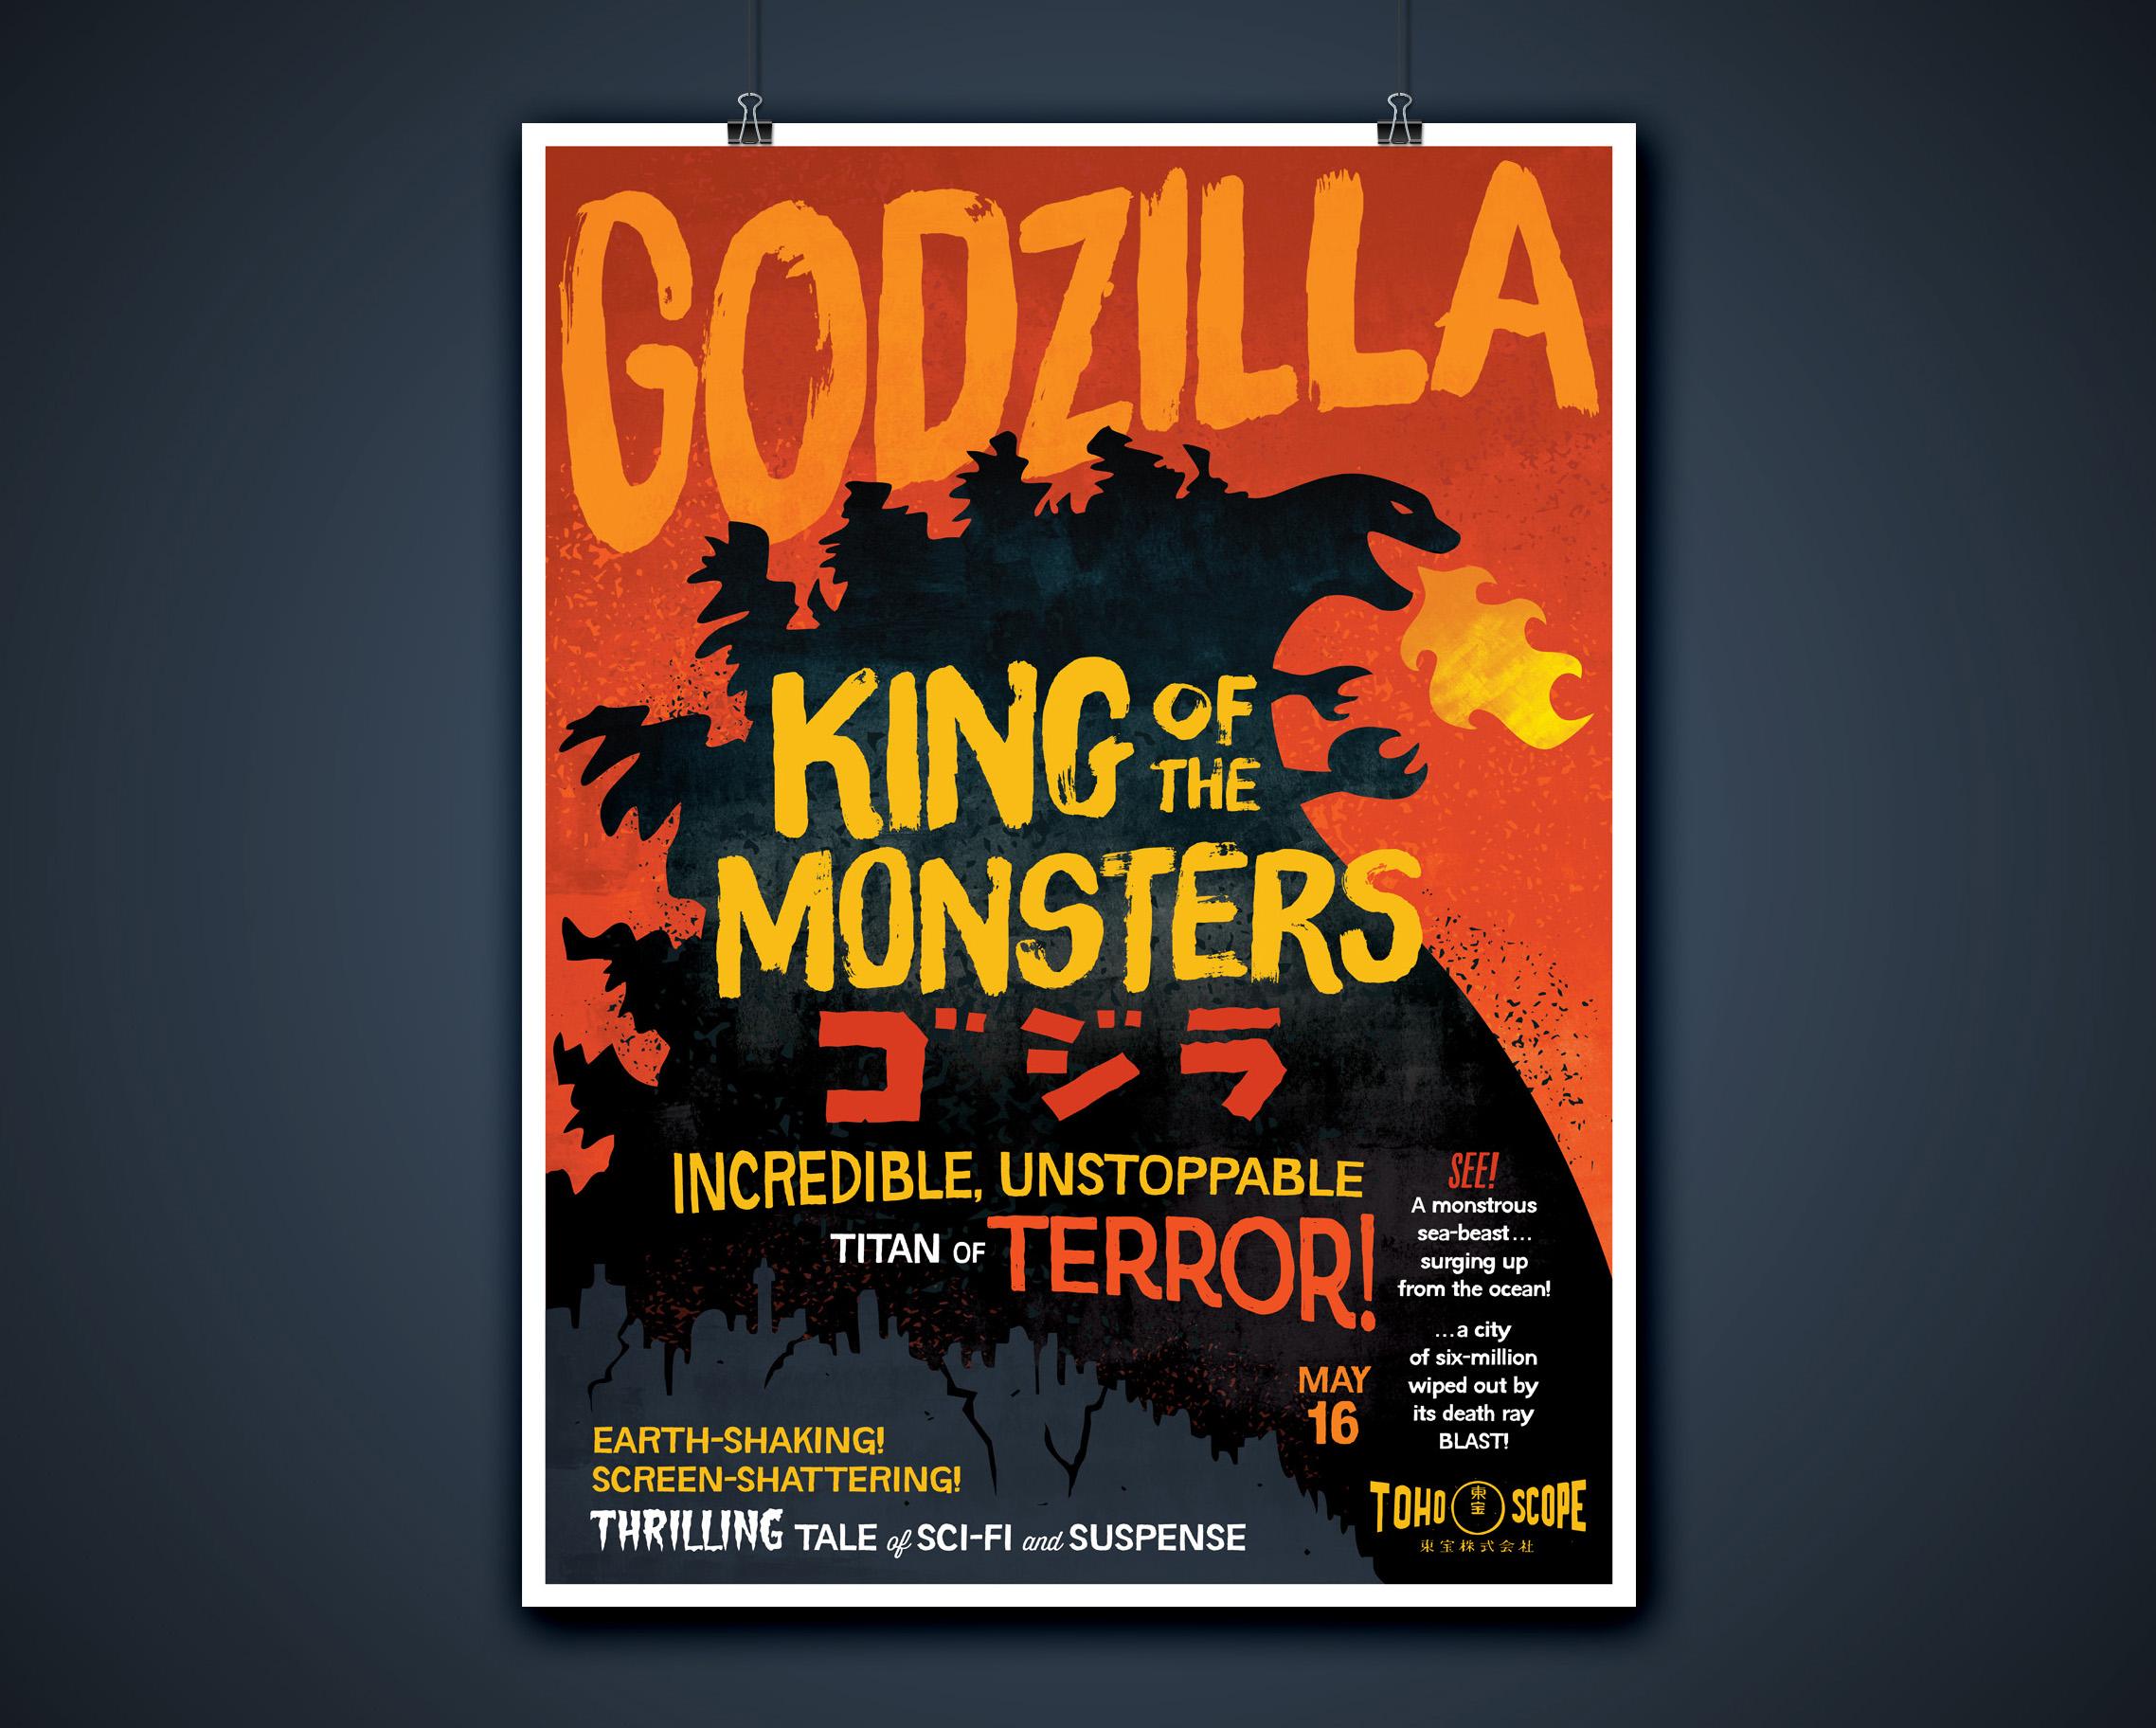 Godzilla_18x24.jpg